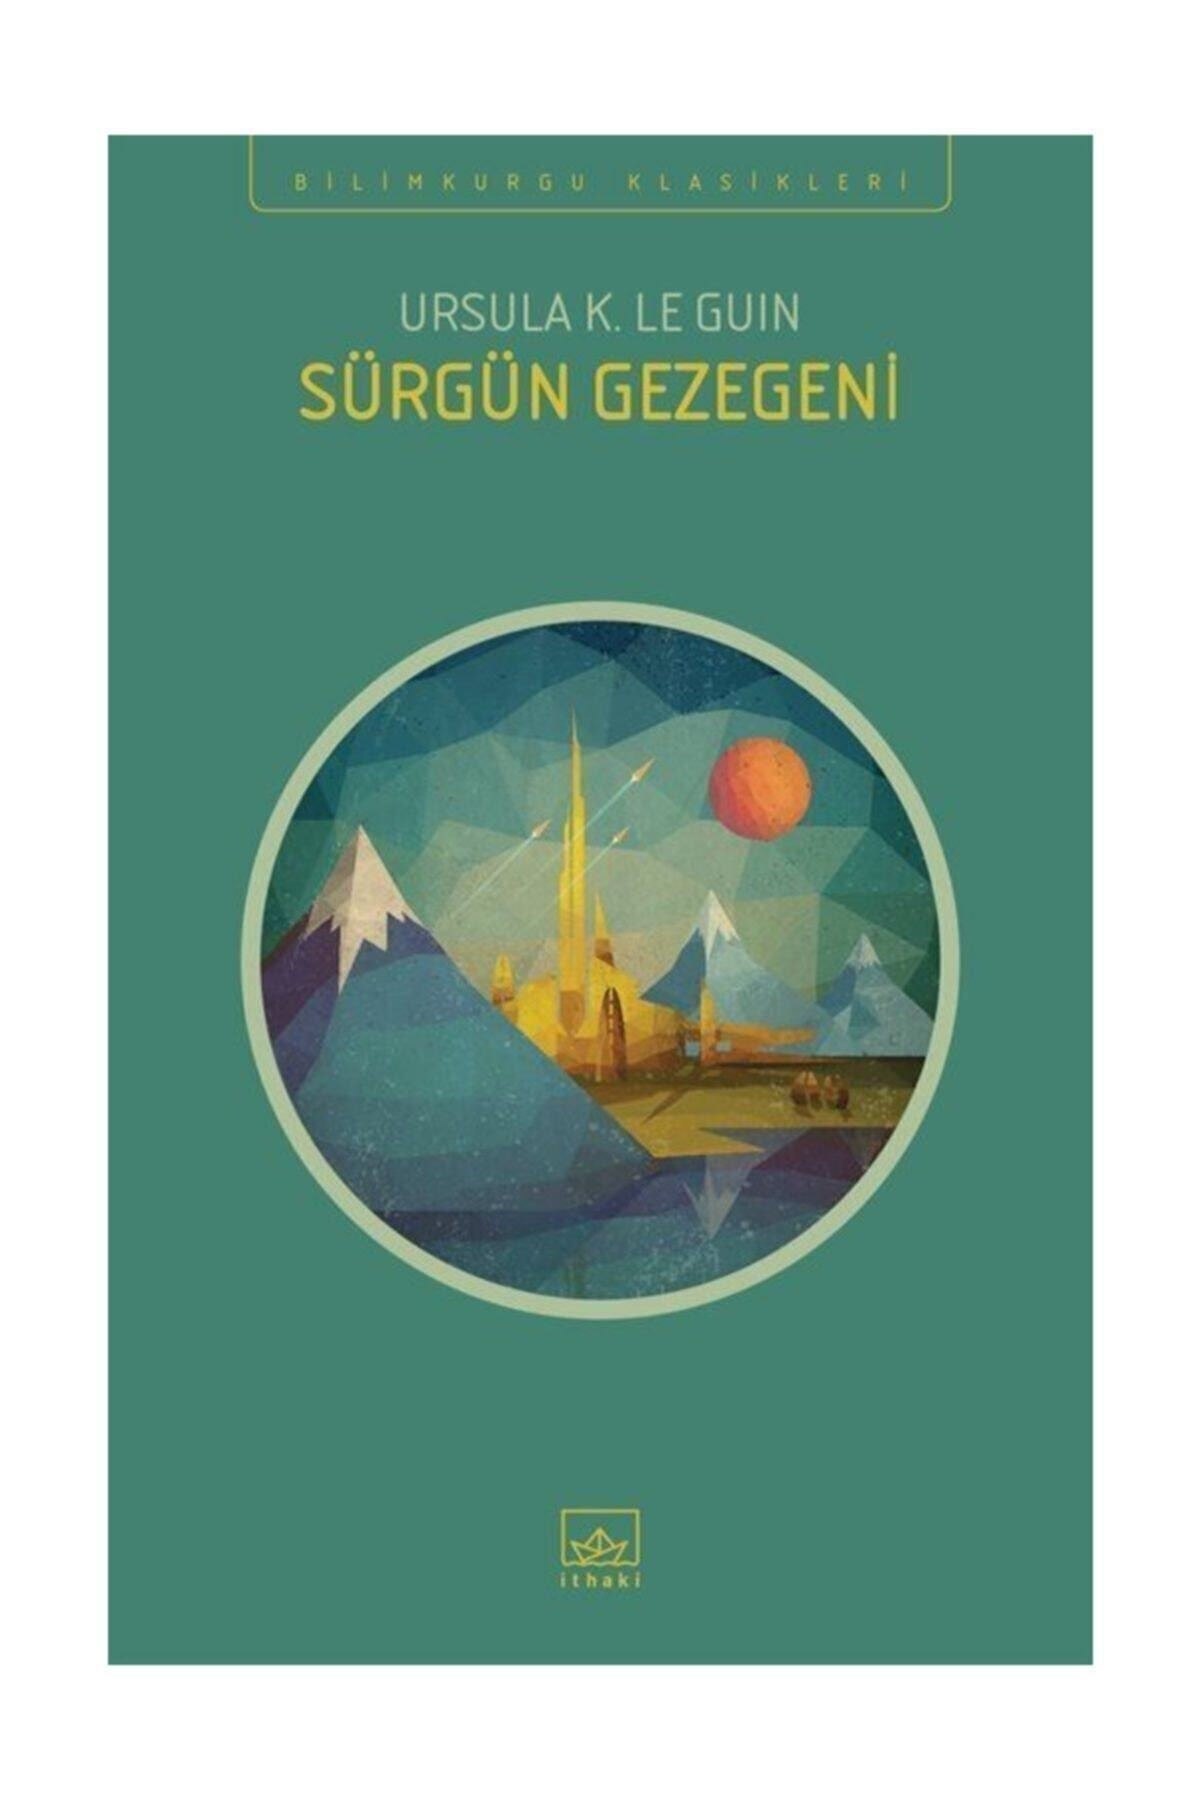 İthaki Yayınları Sürgün Gezegeni - Ursula K. Le Guin 1